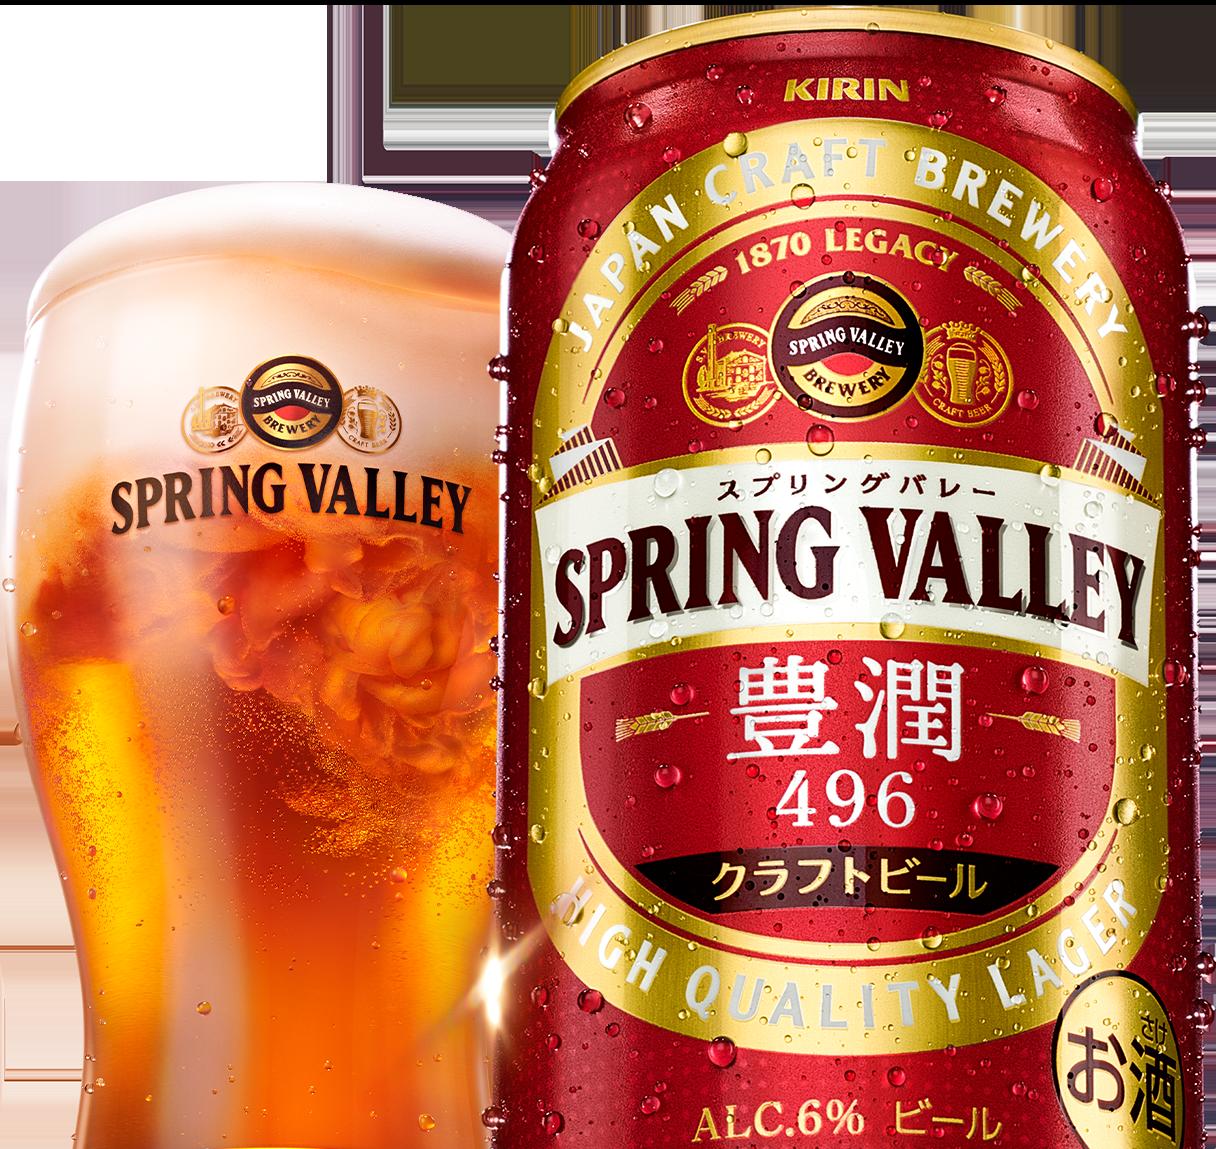 キリンビールのクラフトビール、SPRING VALLEY 豊潤<496>先行体験キットが抽選で1000名に当たる。~3/2。